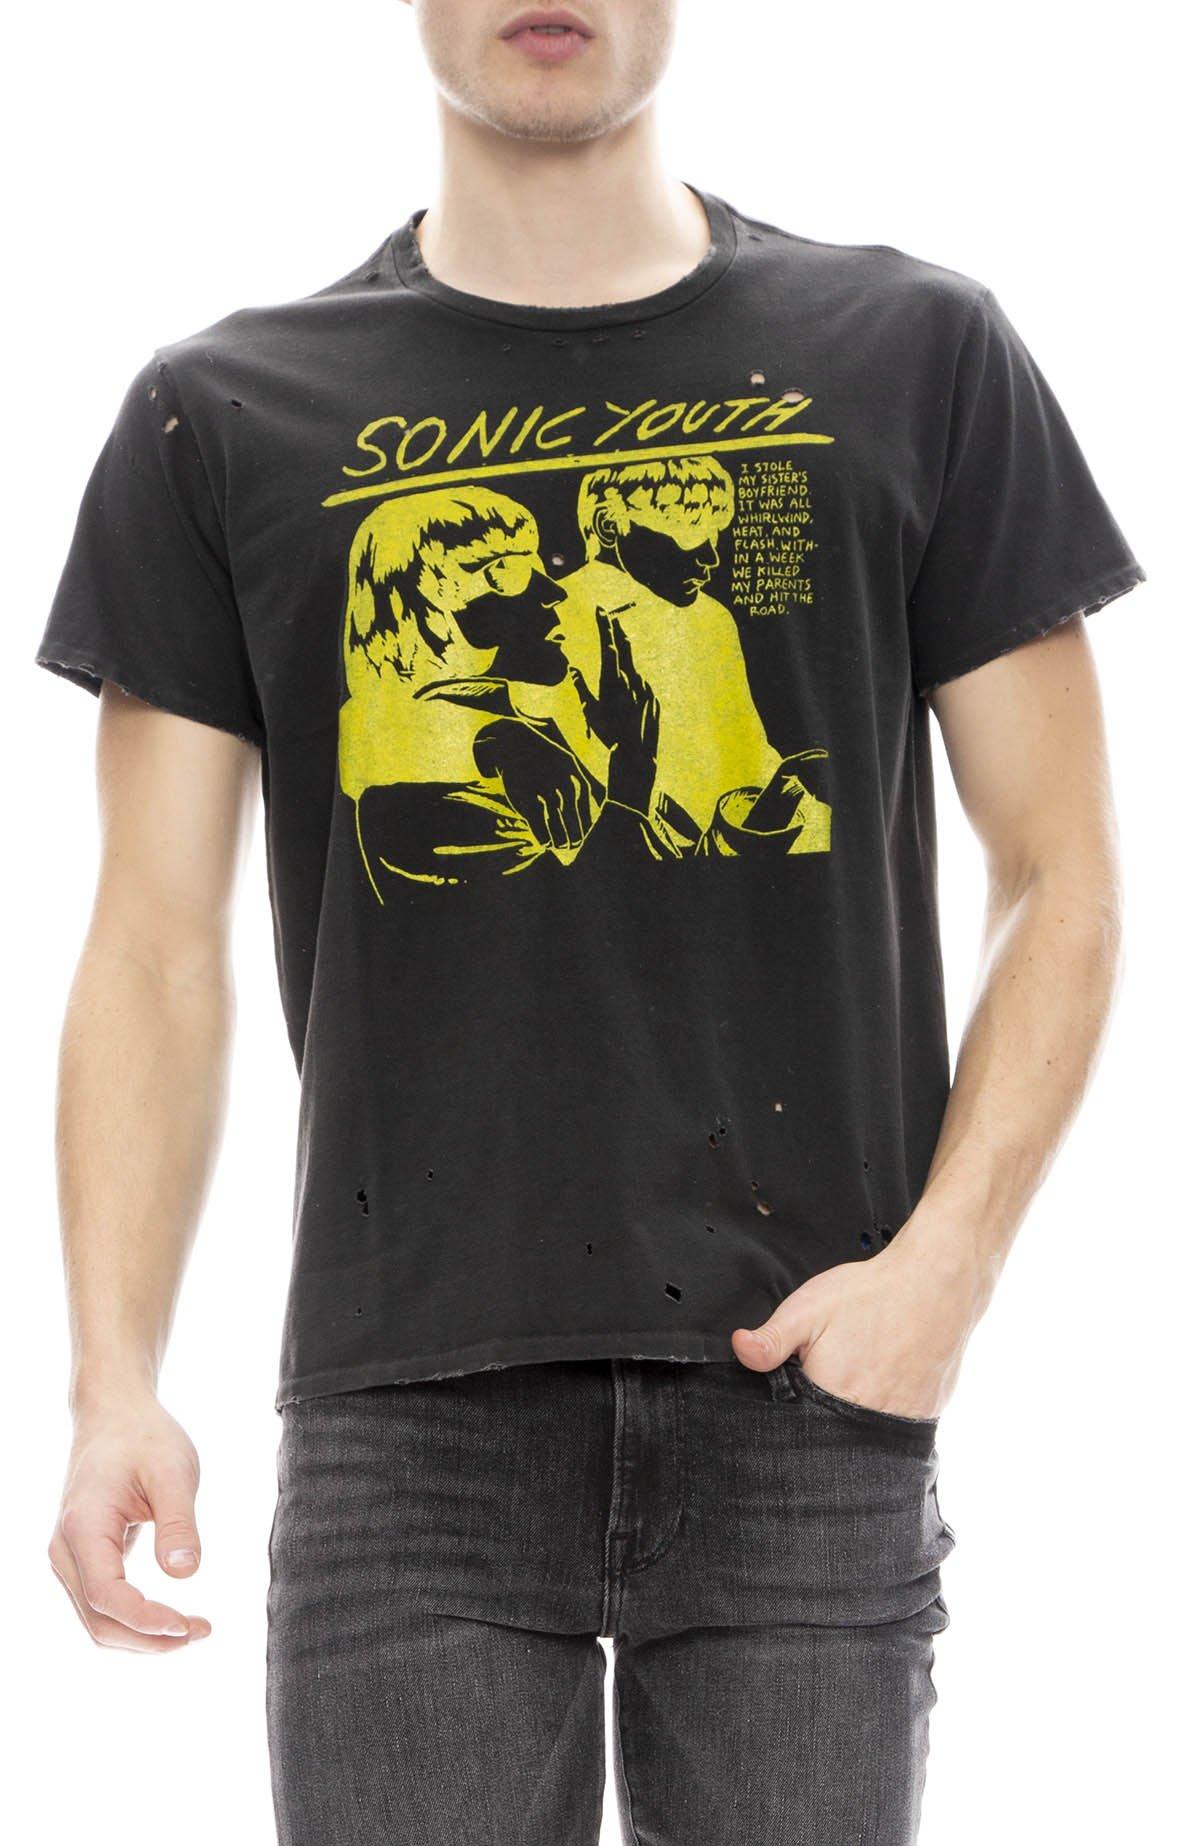 R13 Sonic Youth Tee